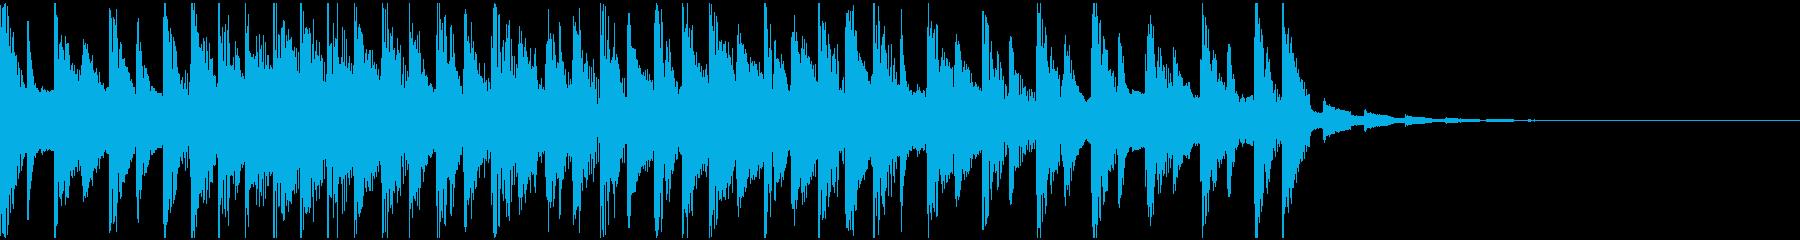 テクノ、シンセ、エレクトリック、ジングルの再生済みの波形